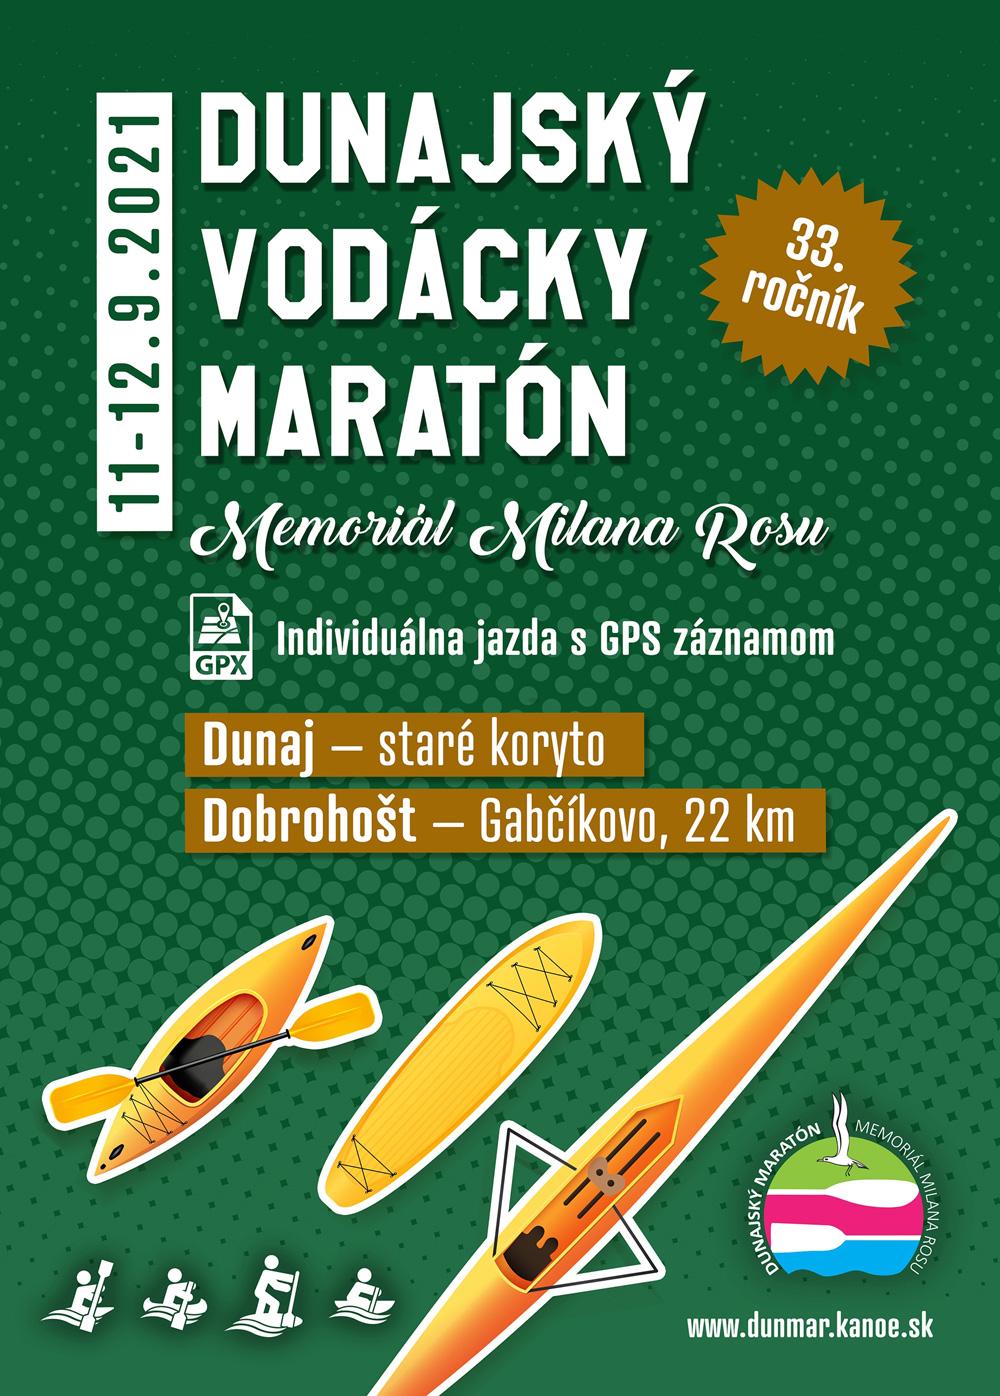 Dunajský vodácka maratón 2021